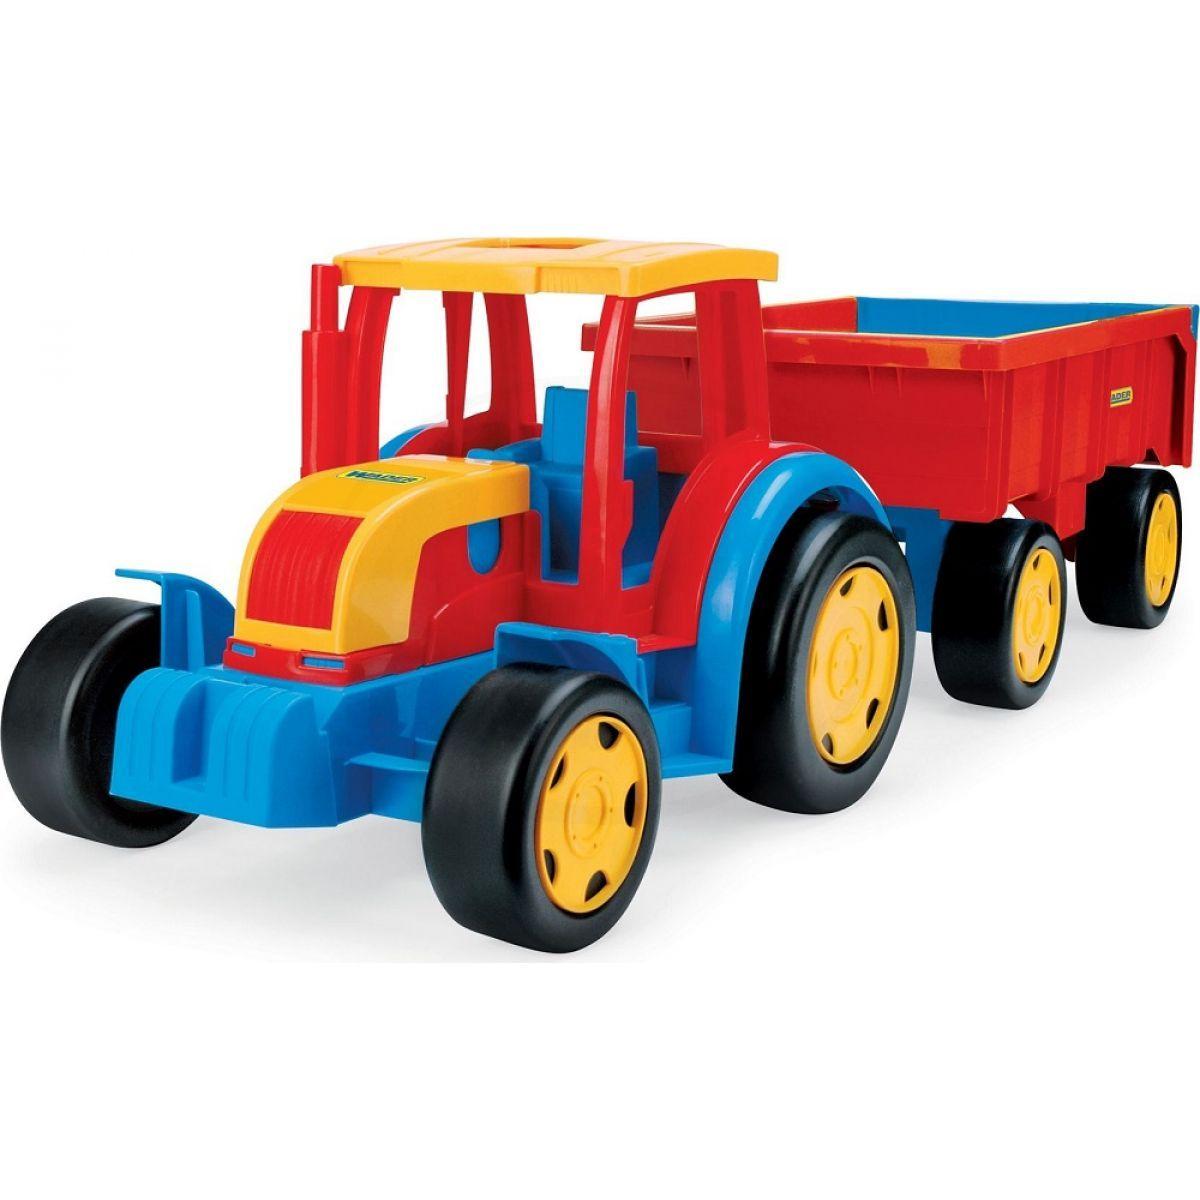 Wader velký traktor s valníkem kids